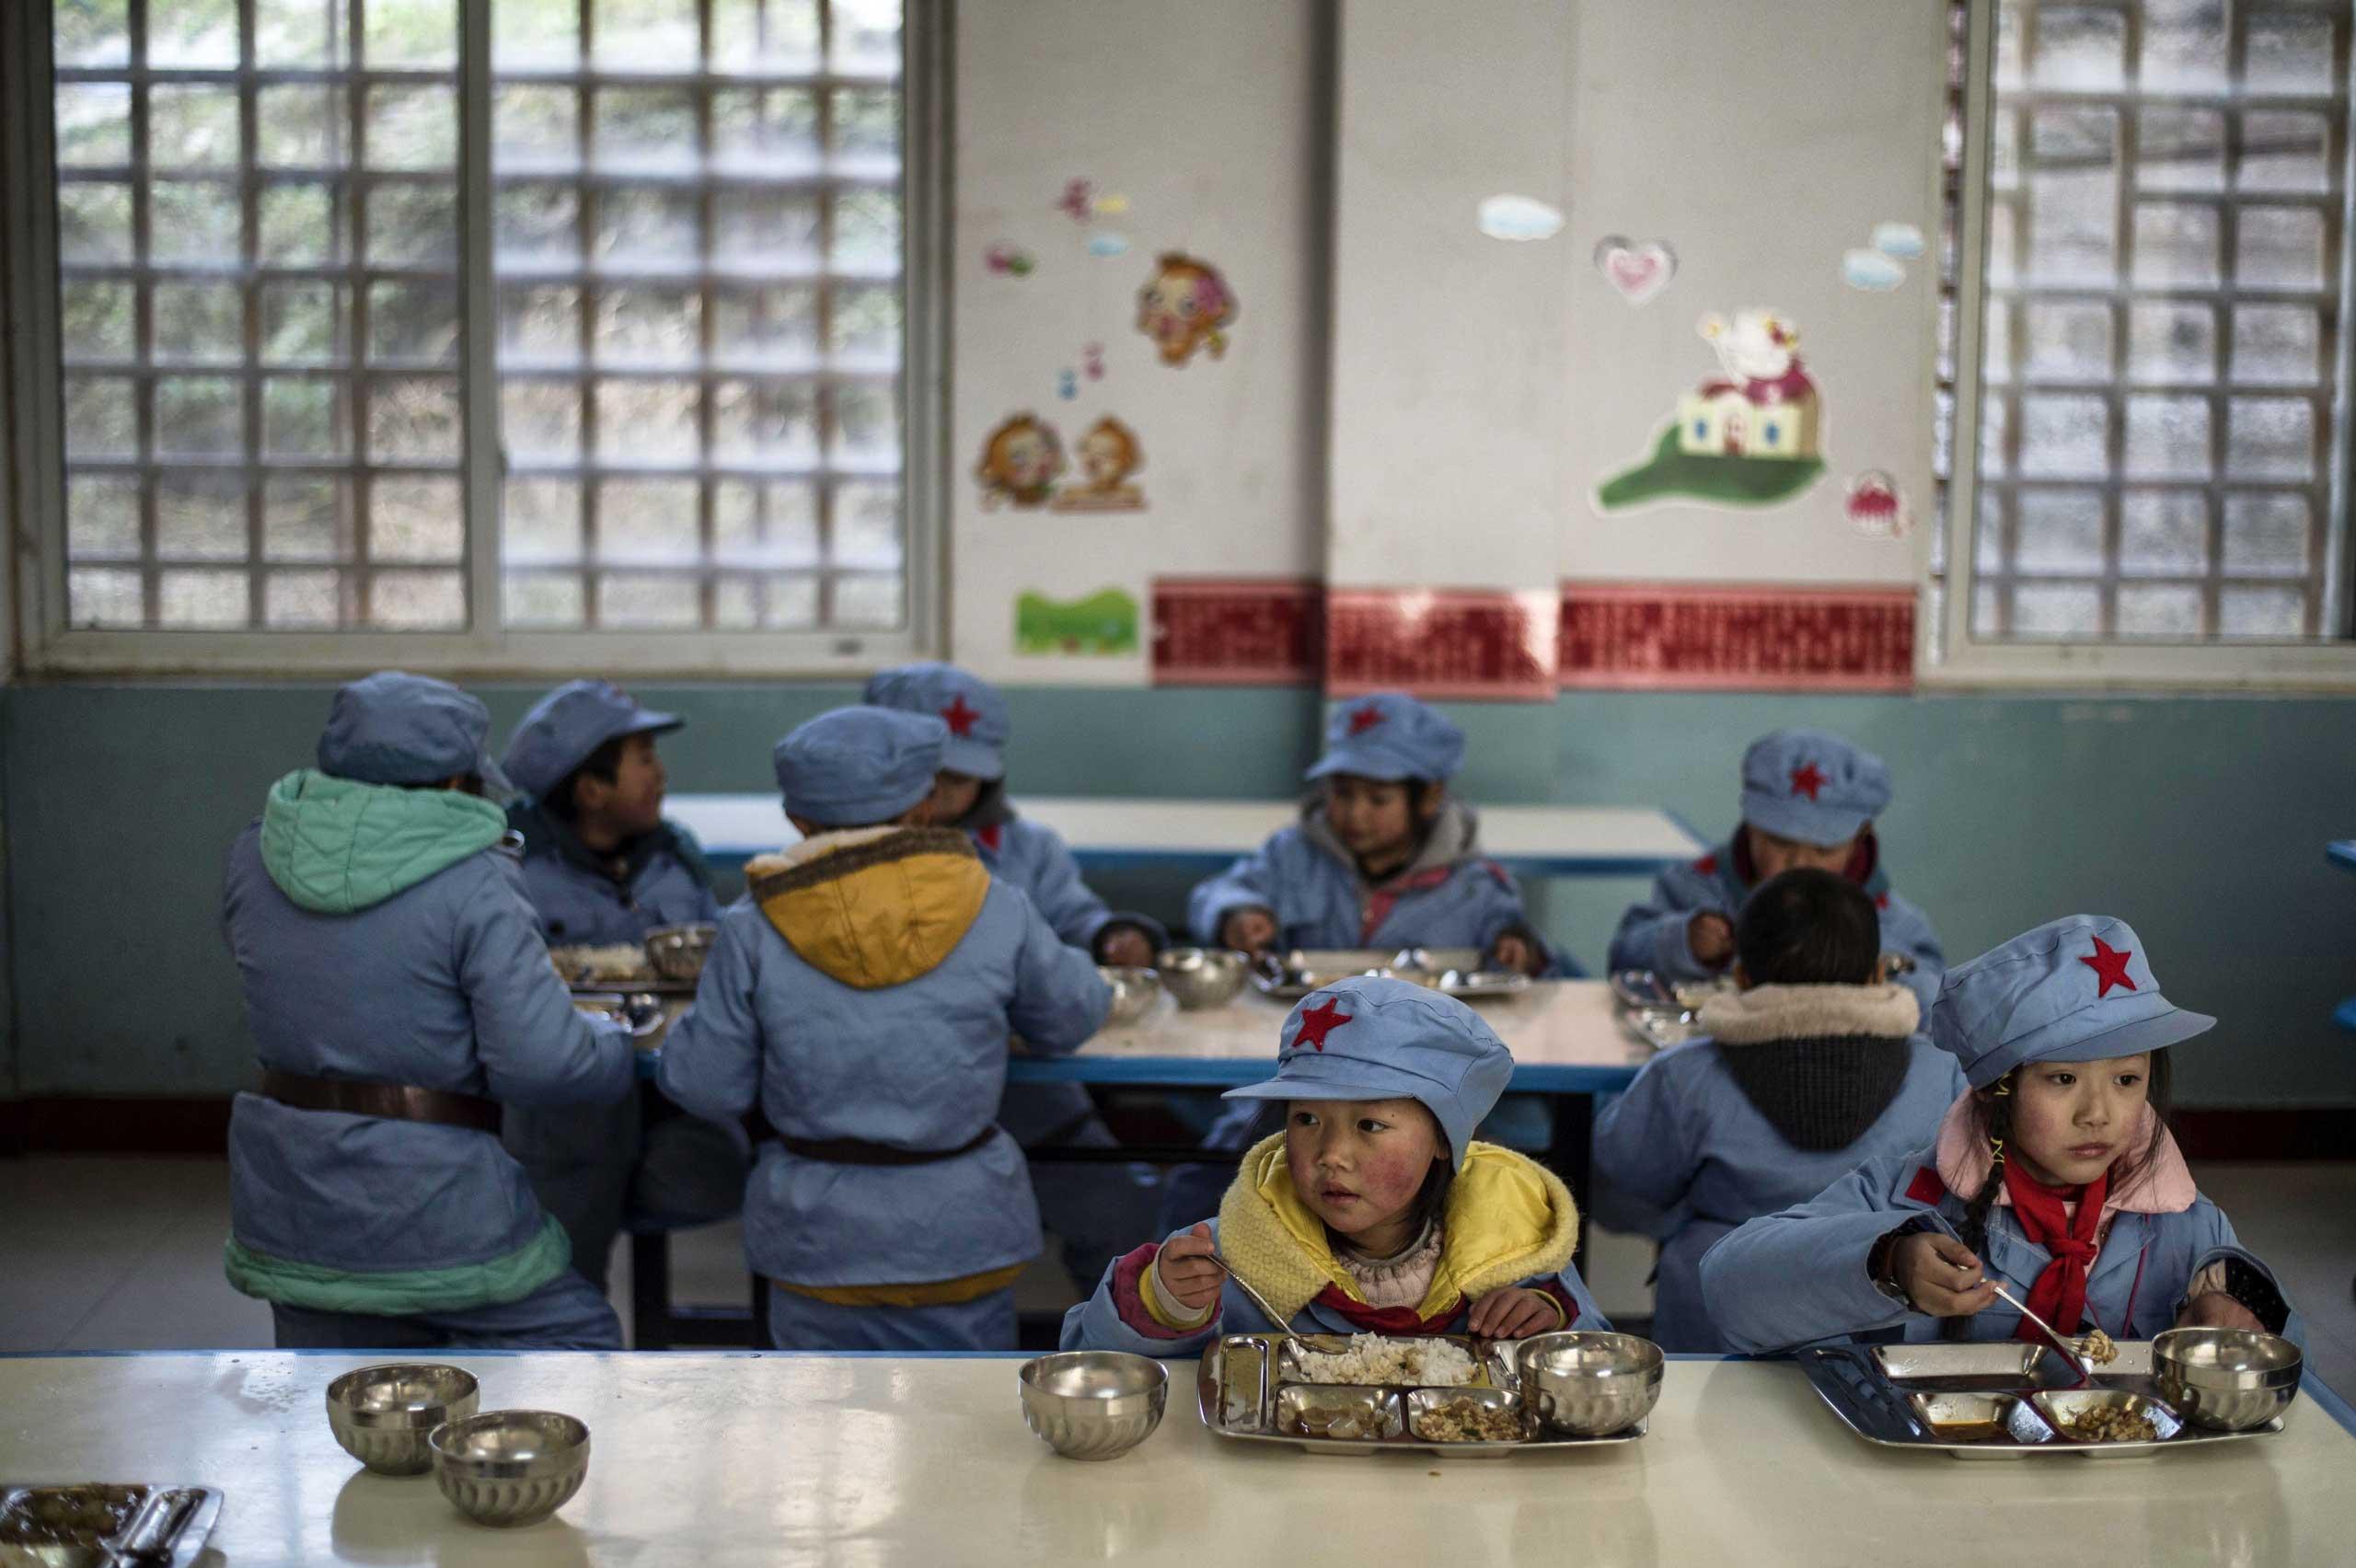 Children during lunch.